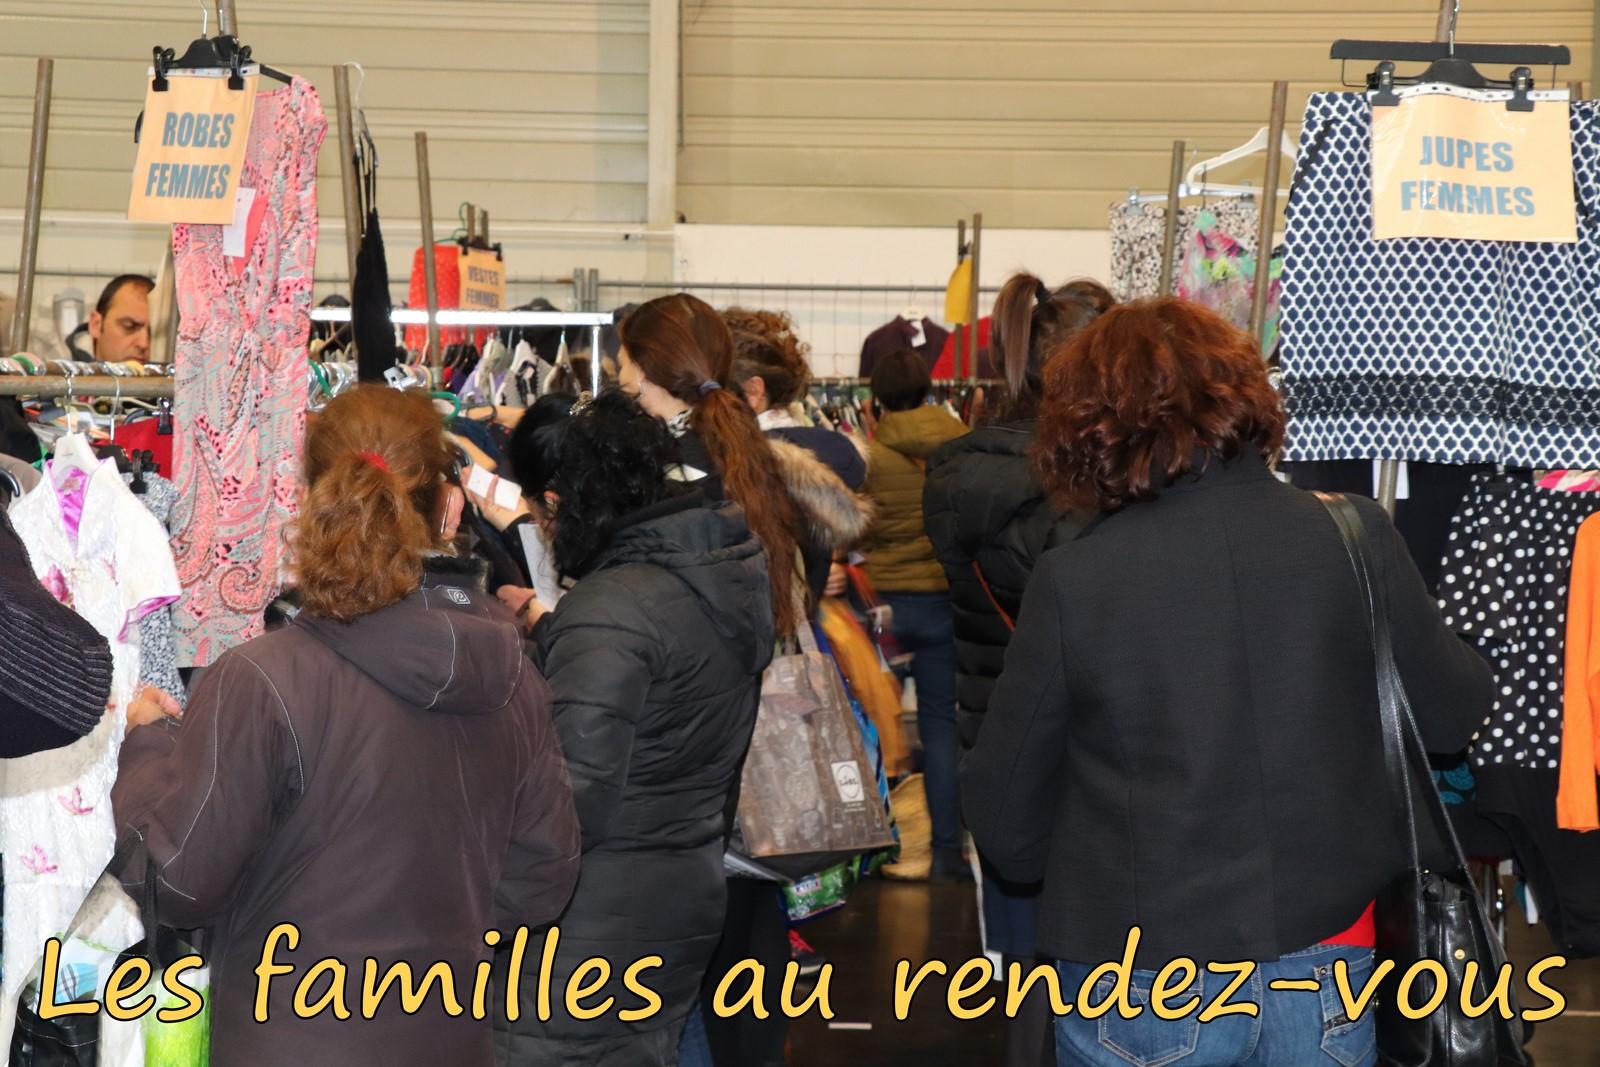 Les-familles-au-rendez-vous